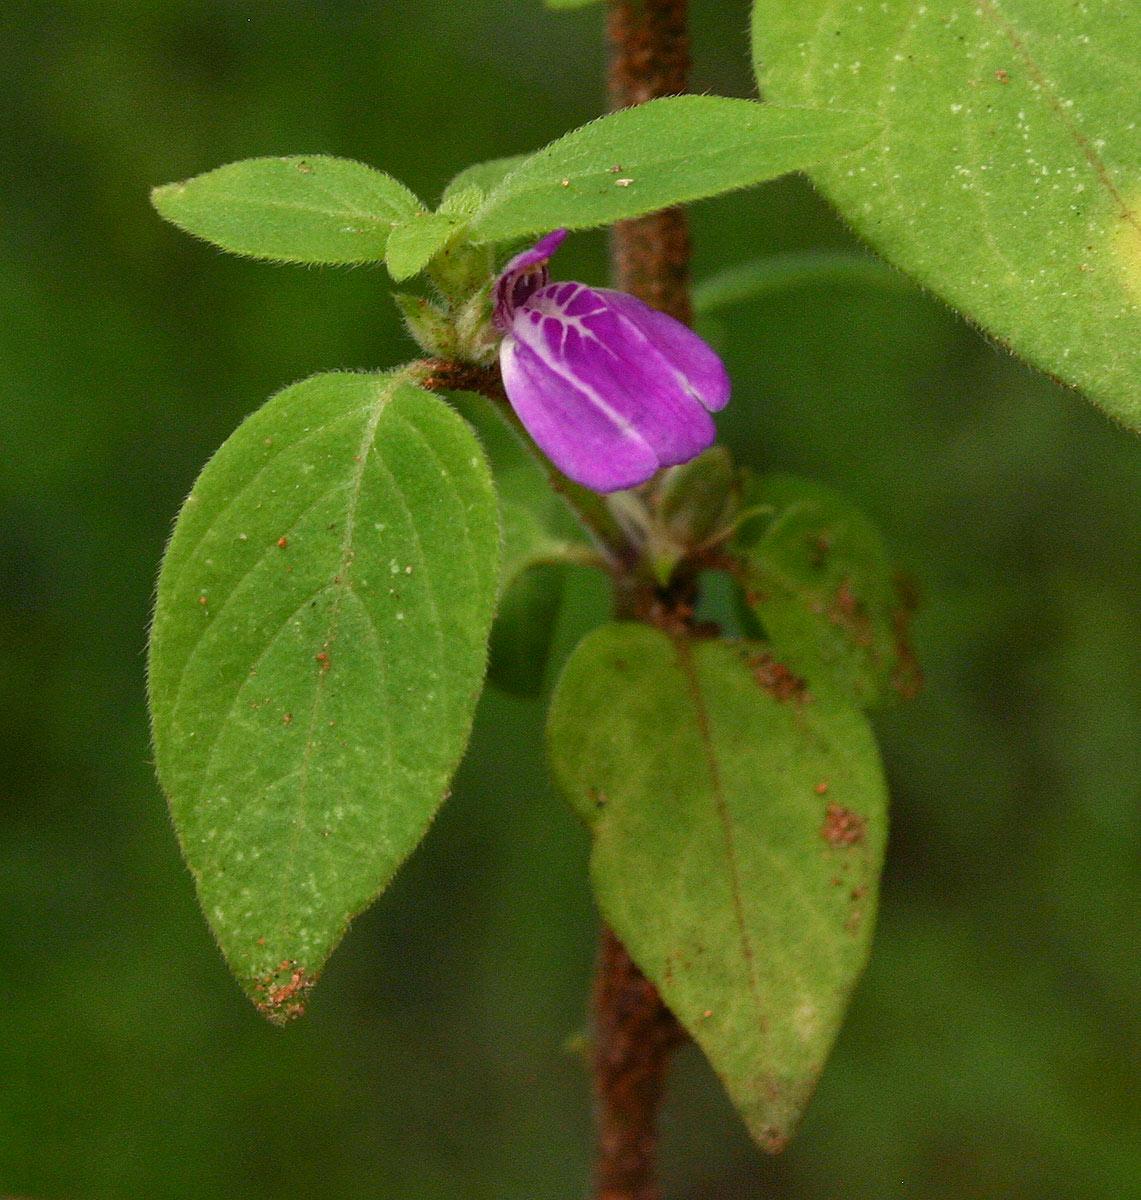 Justicia heterocarpa subsp. dinteri